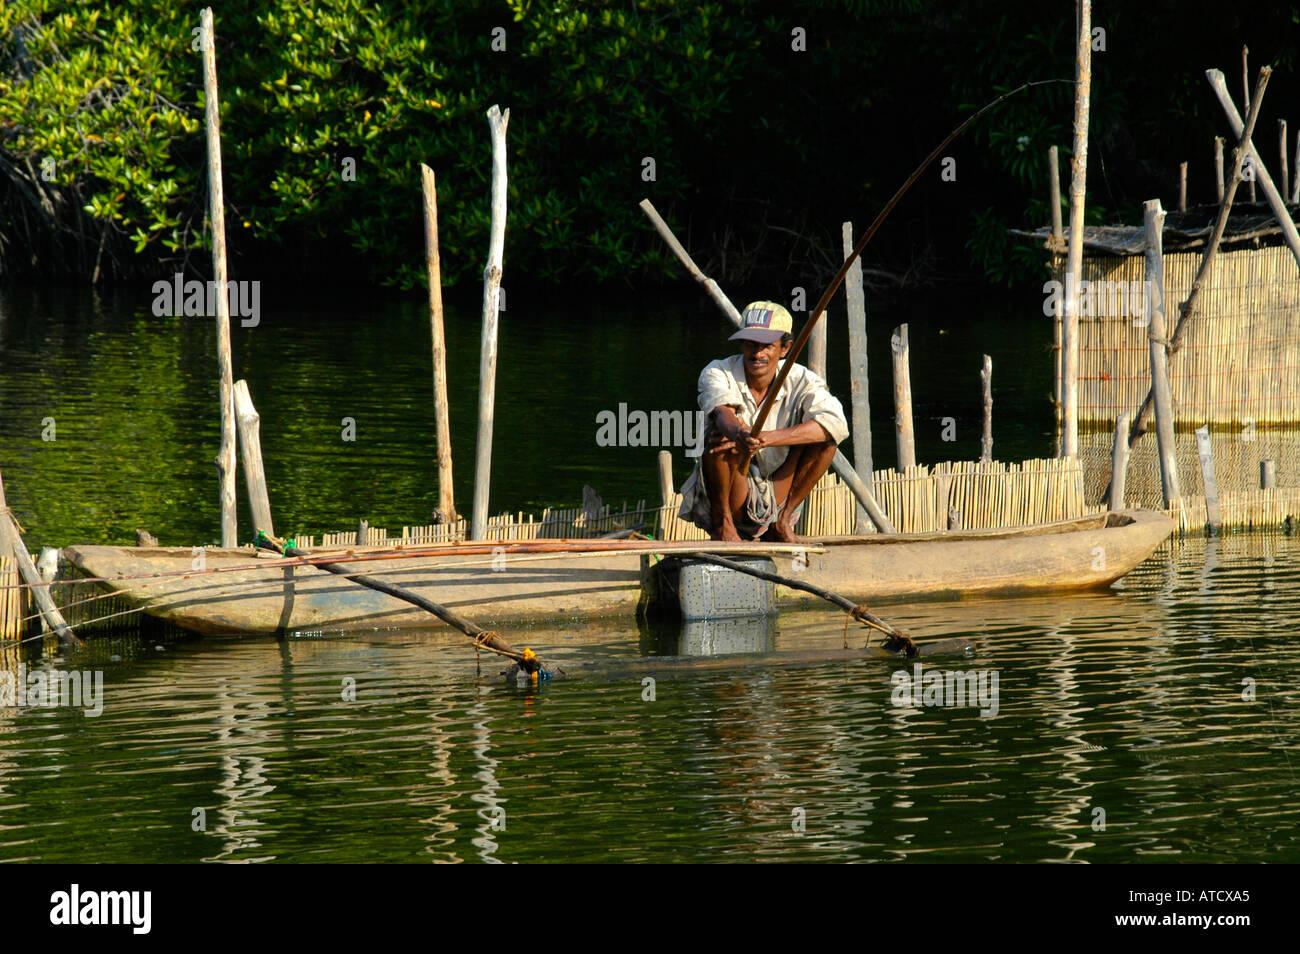 Sri Lanka fish fishing sea fishermen fishery man - Stock Image